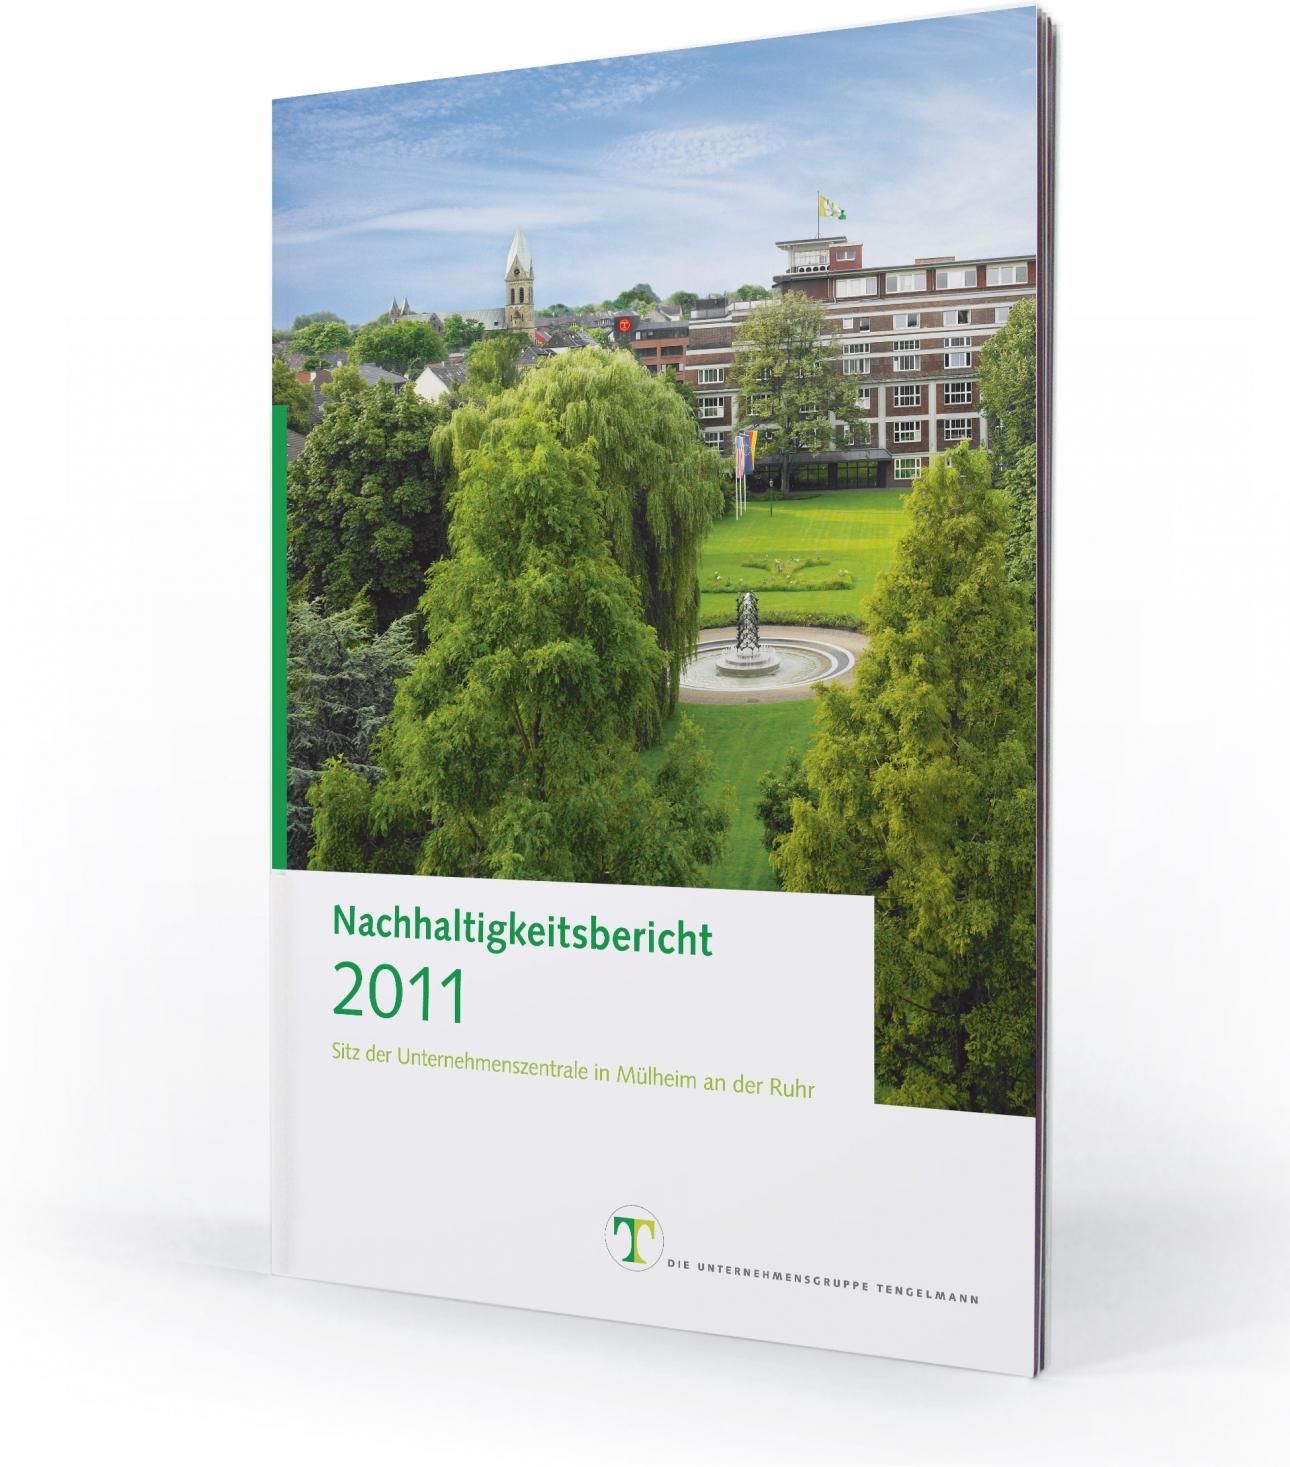 Nachhaltigkeitsbericht Cover für Tengelmann